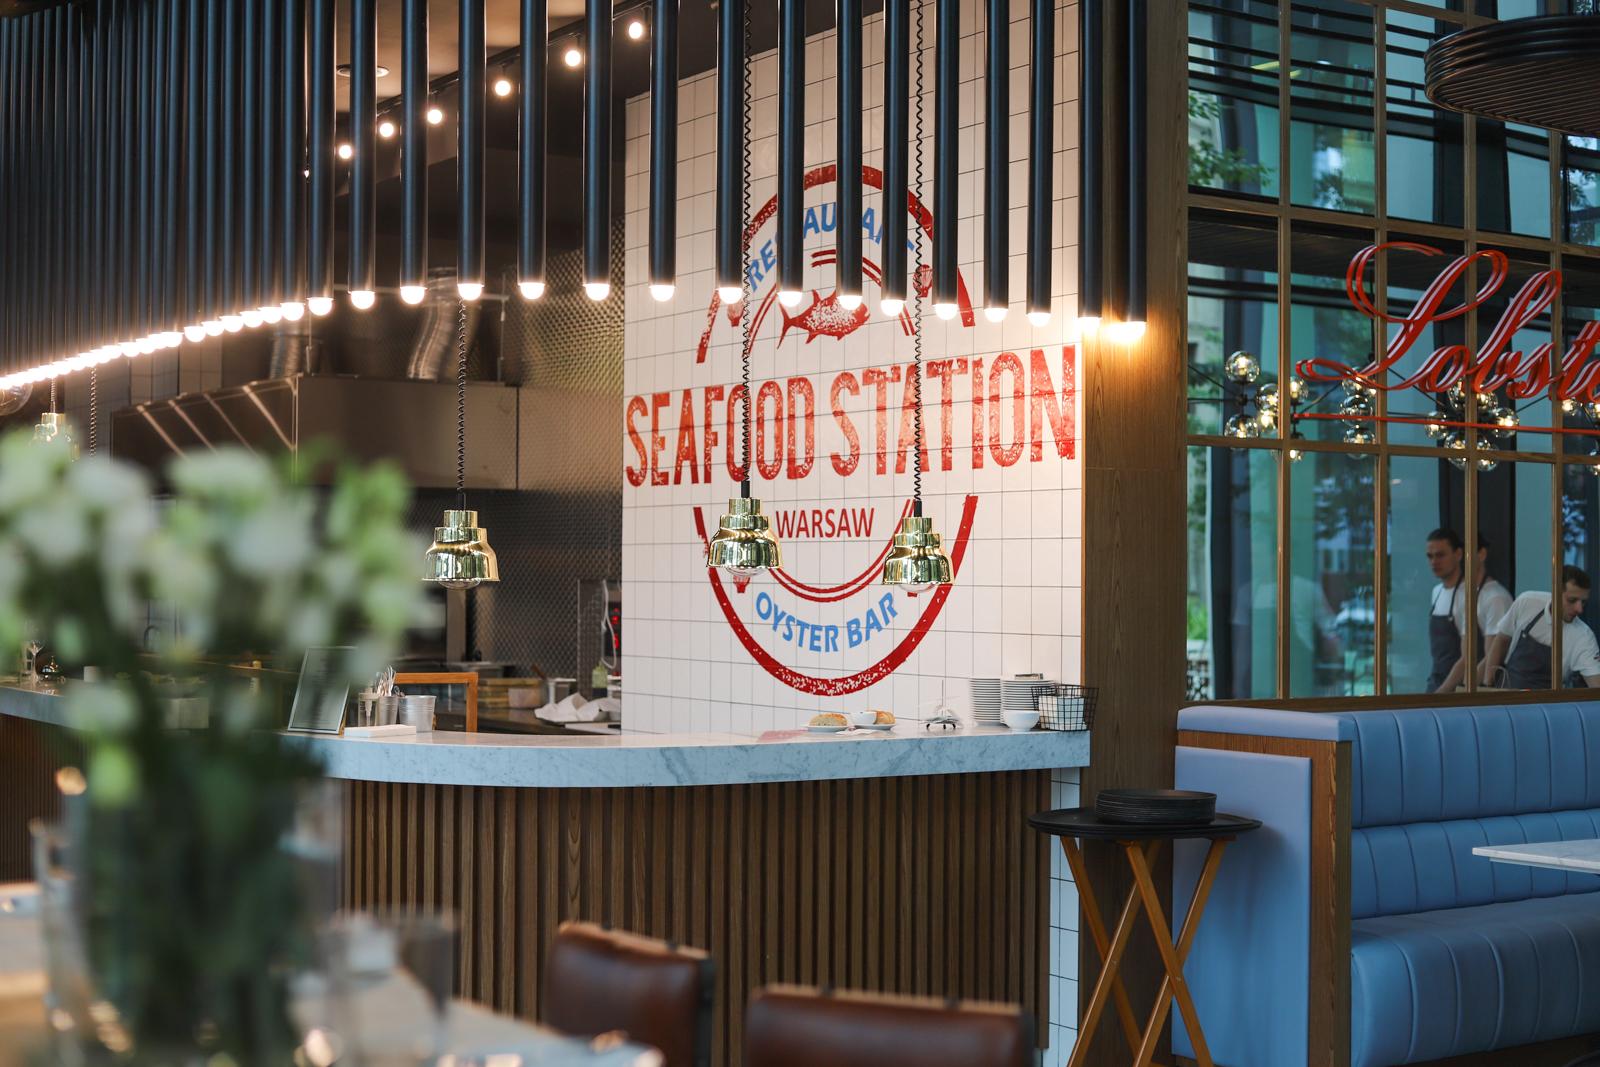 seafood station warszawa